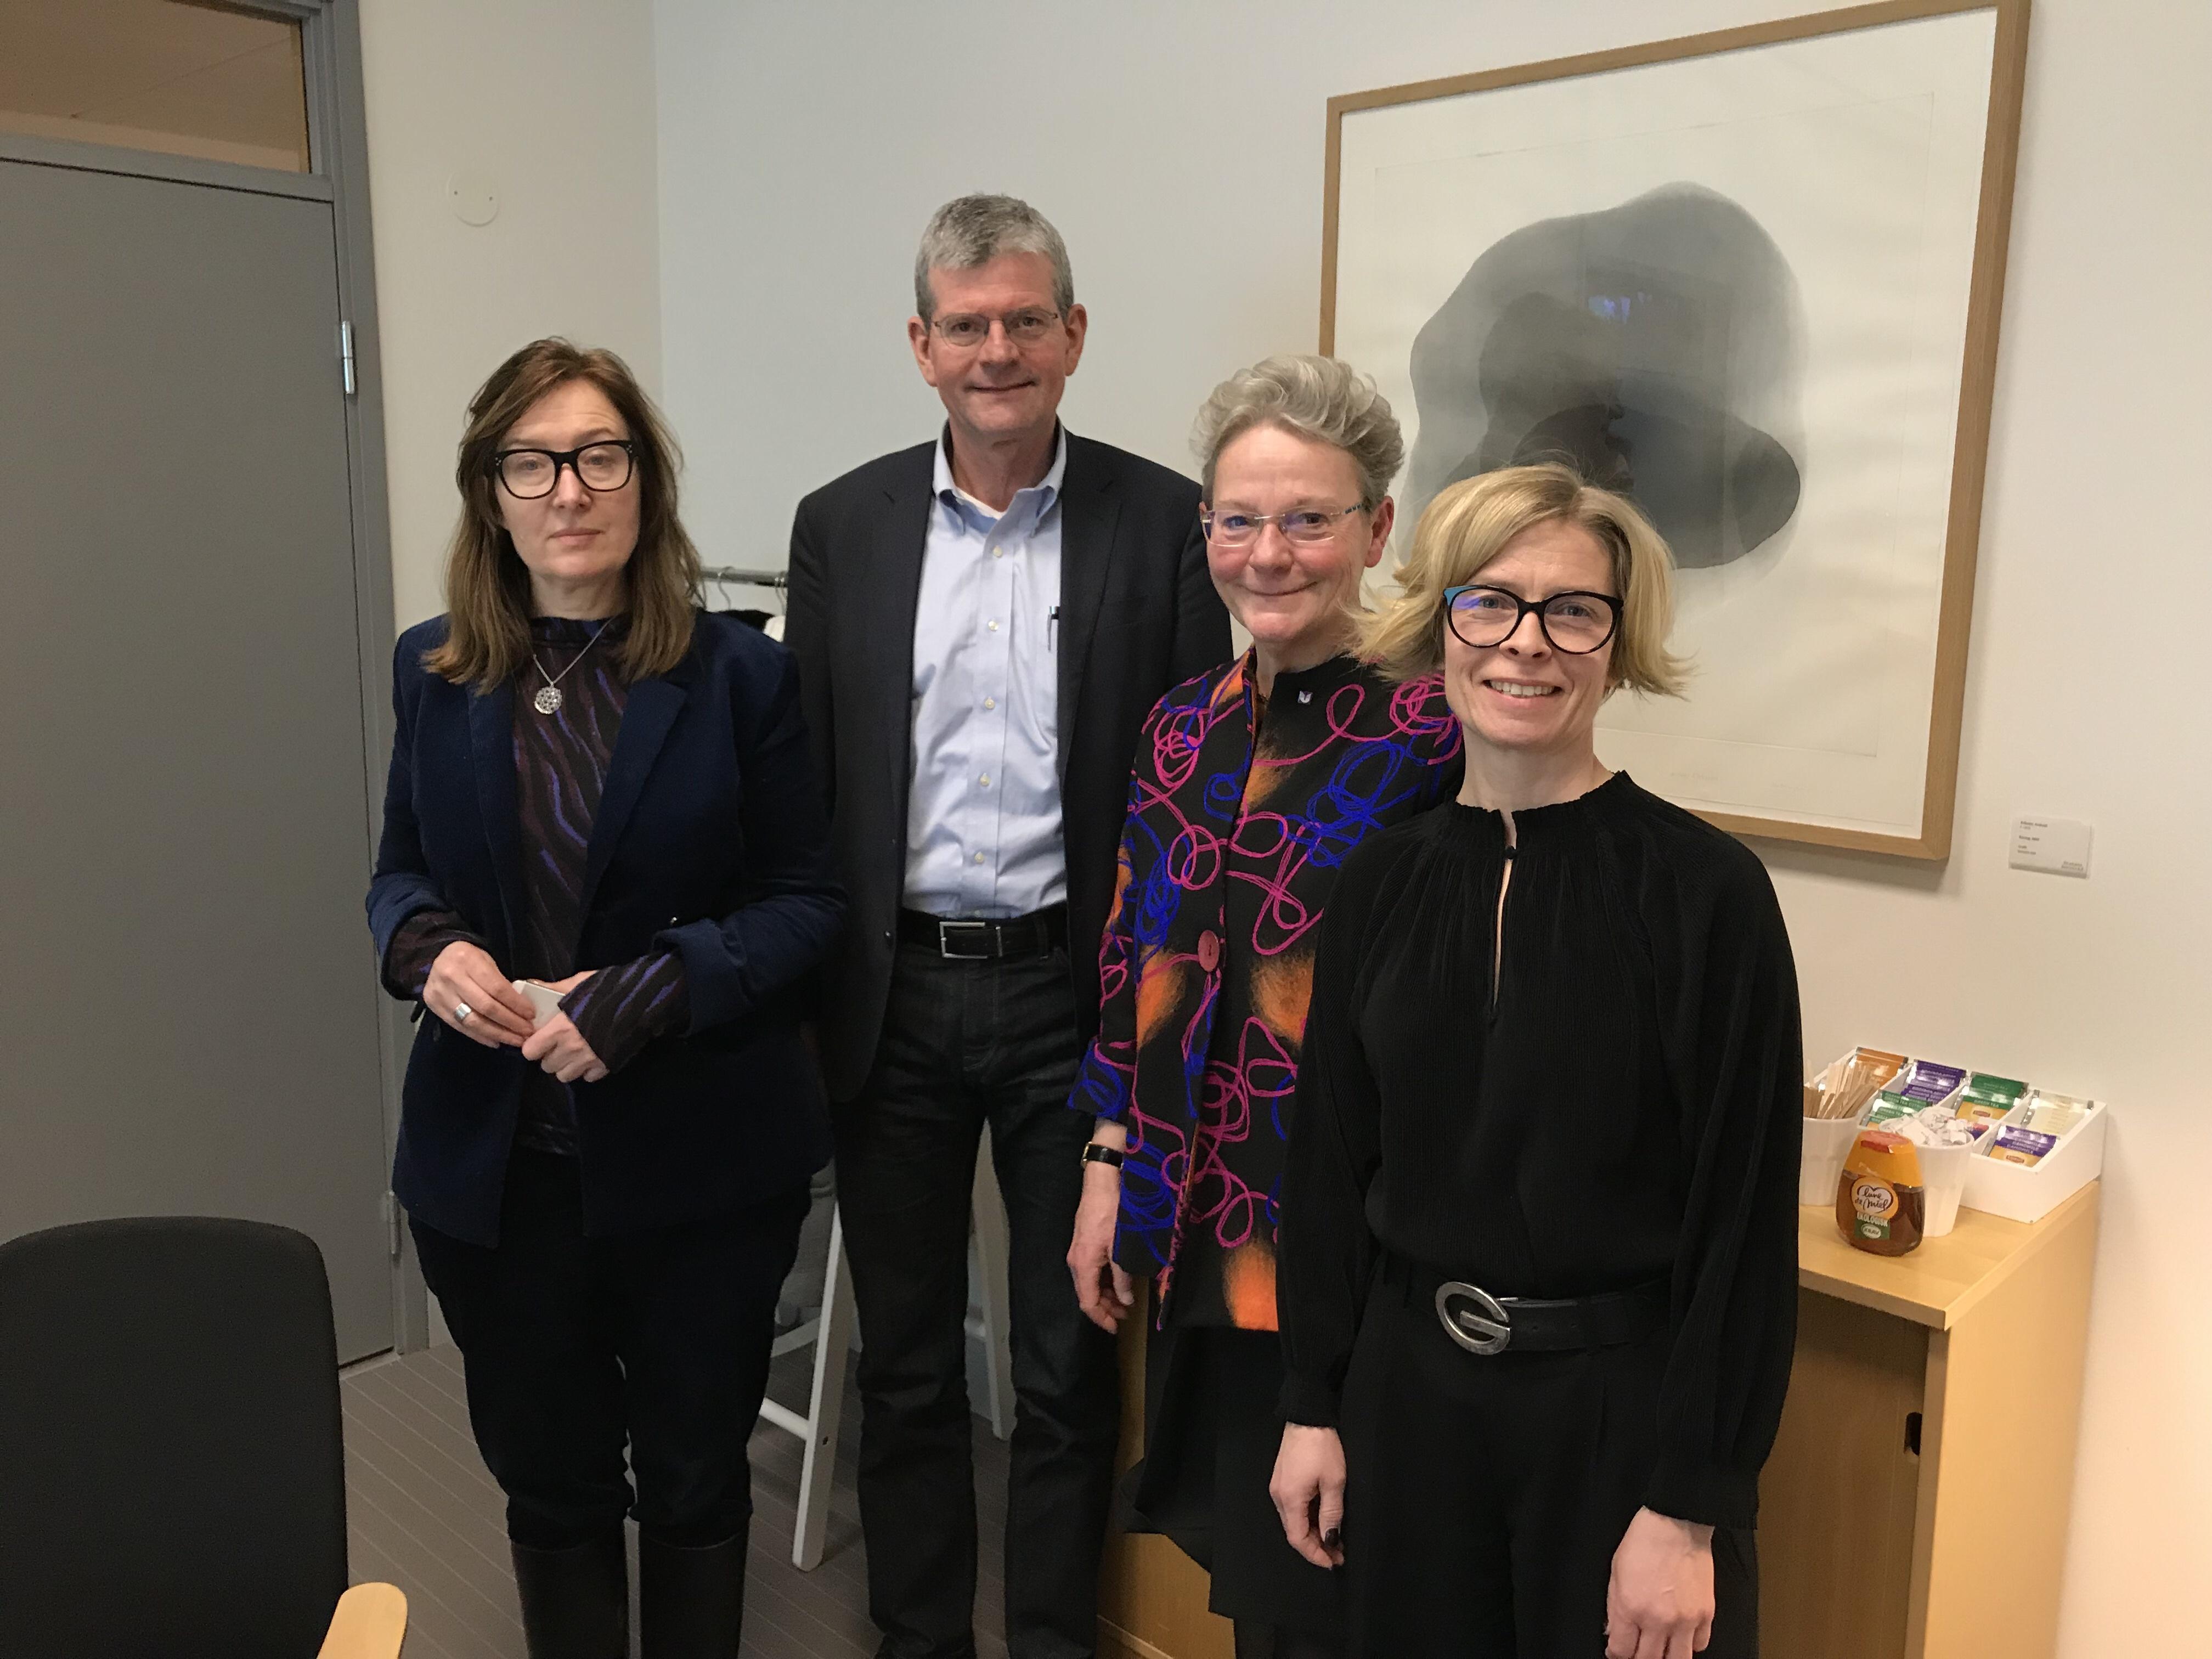 Sara Arrhenius, Håkan Pihl, Karin Röding, Birgitta Bergvall-Kåreborn